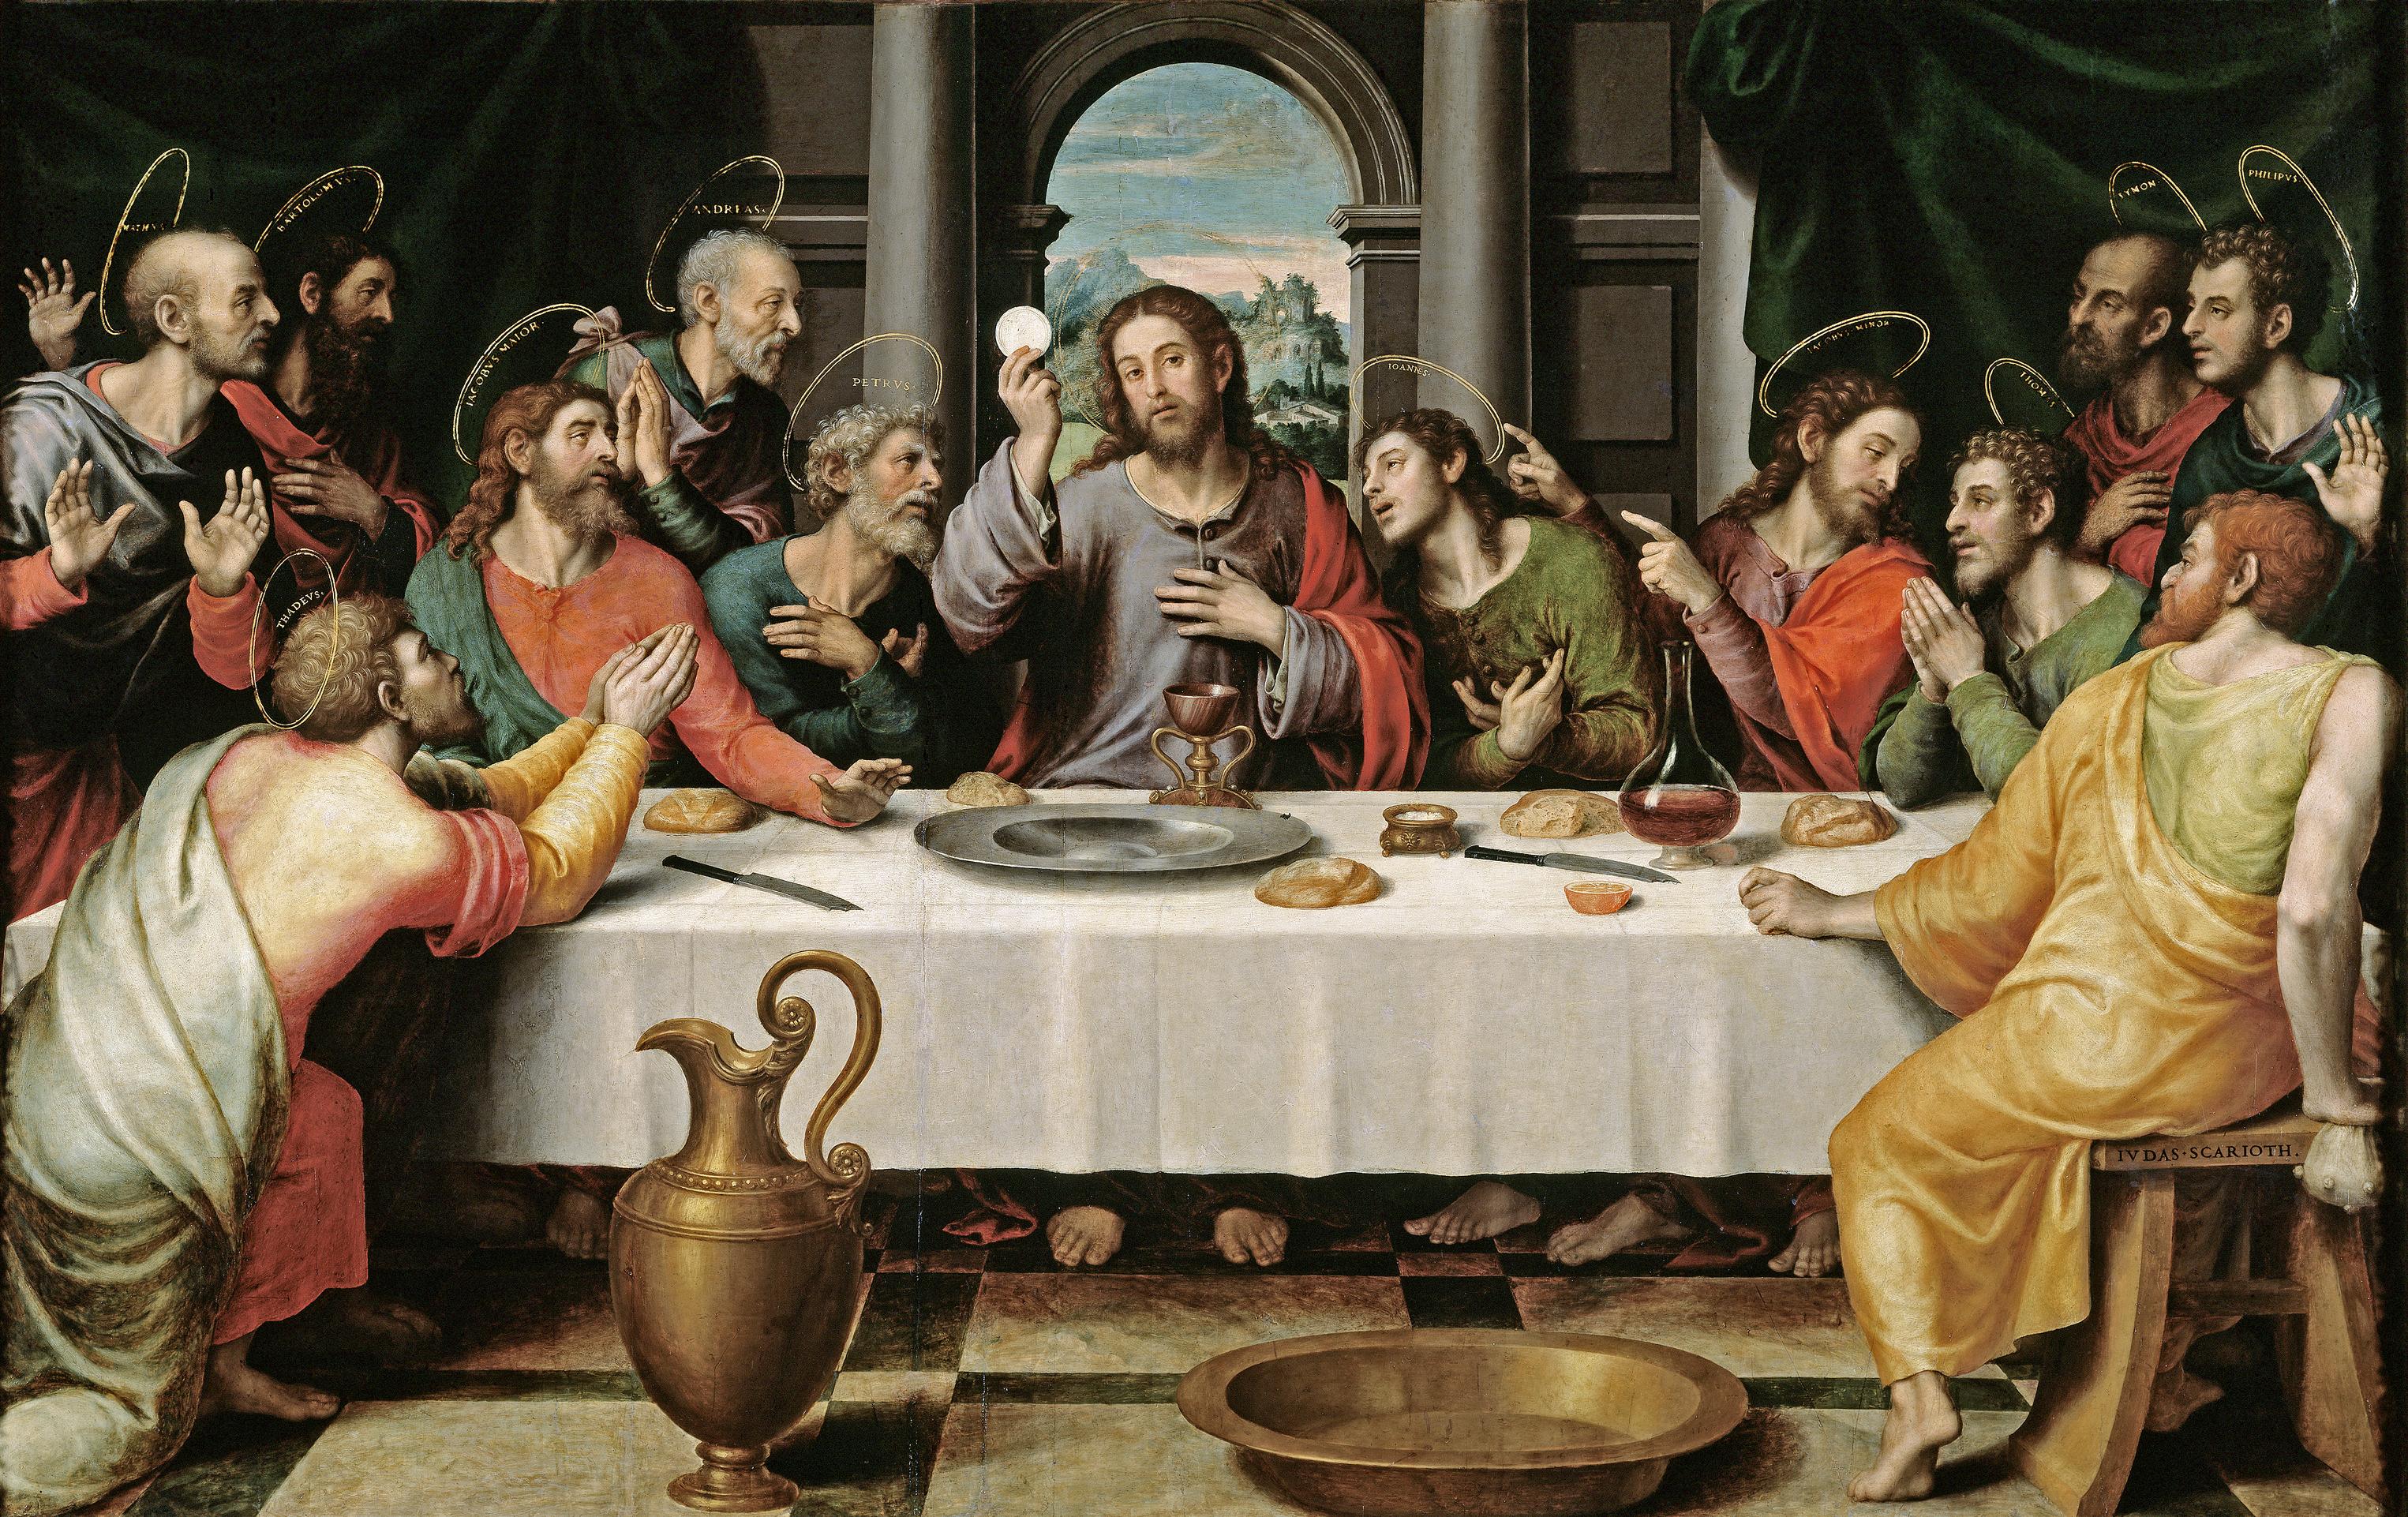 La source et le sommet de la vie chrétienne